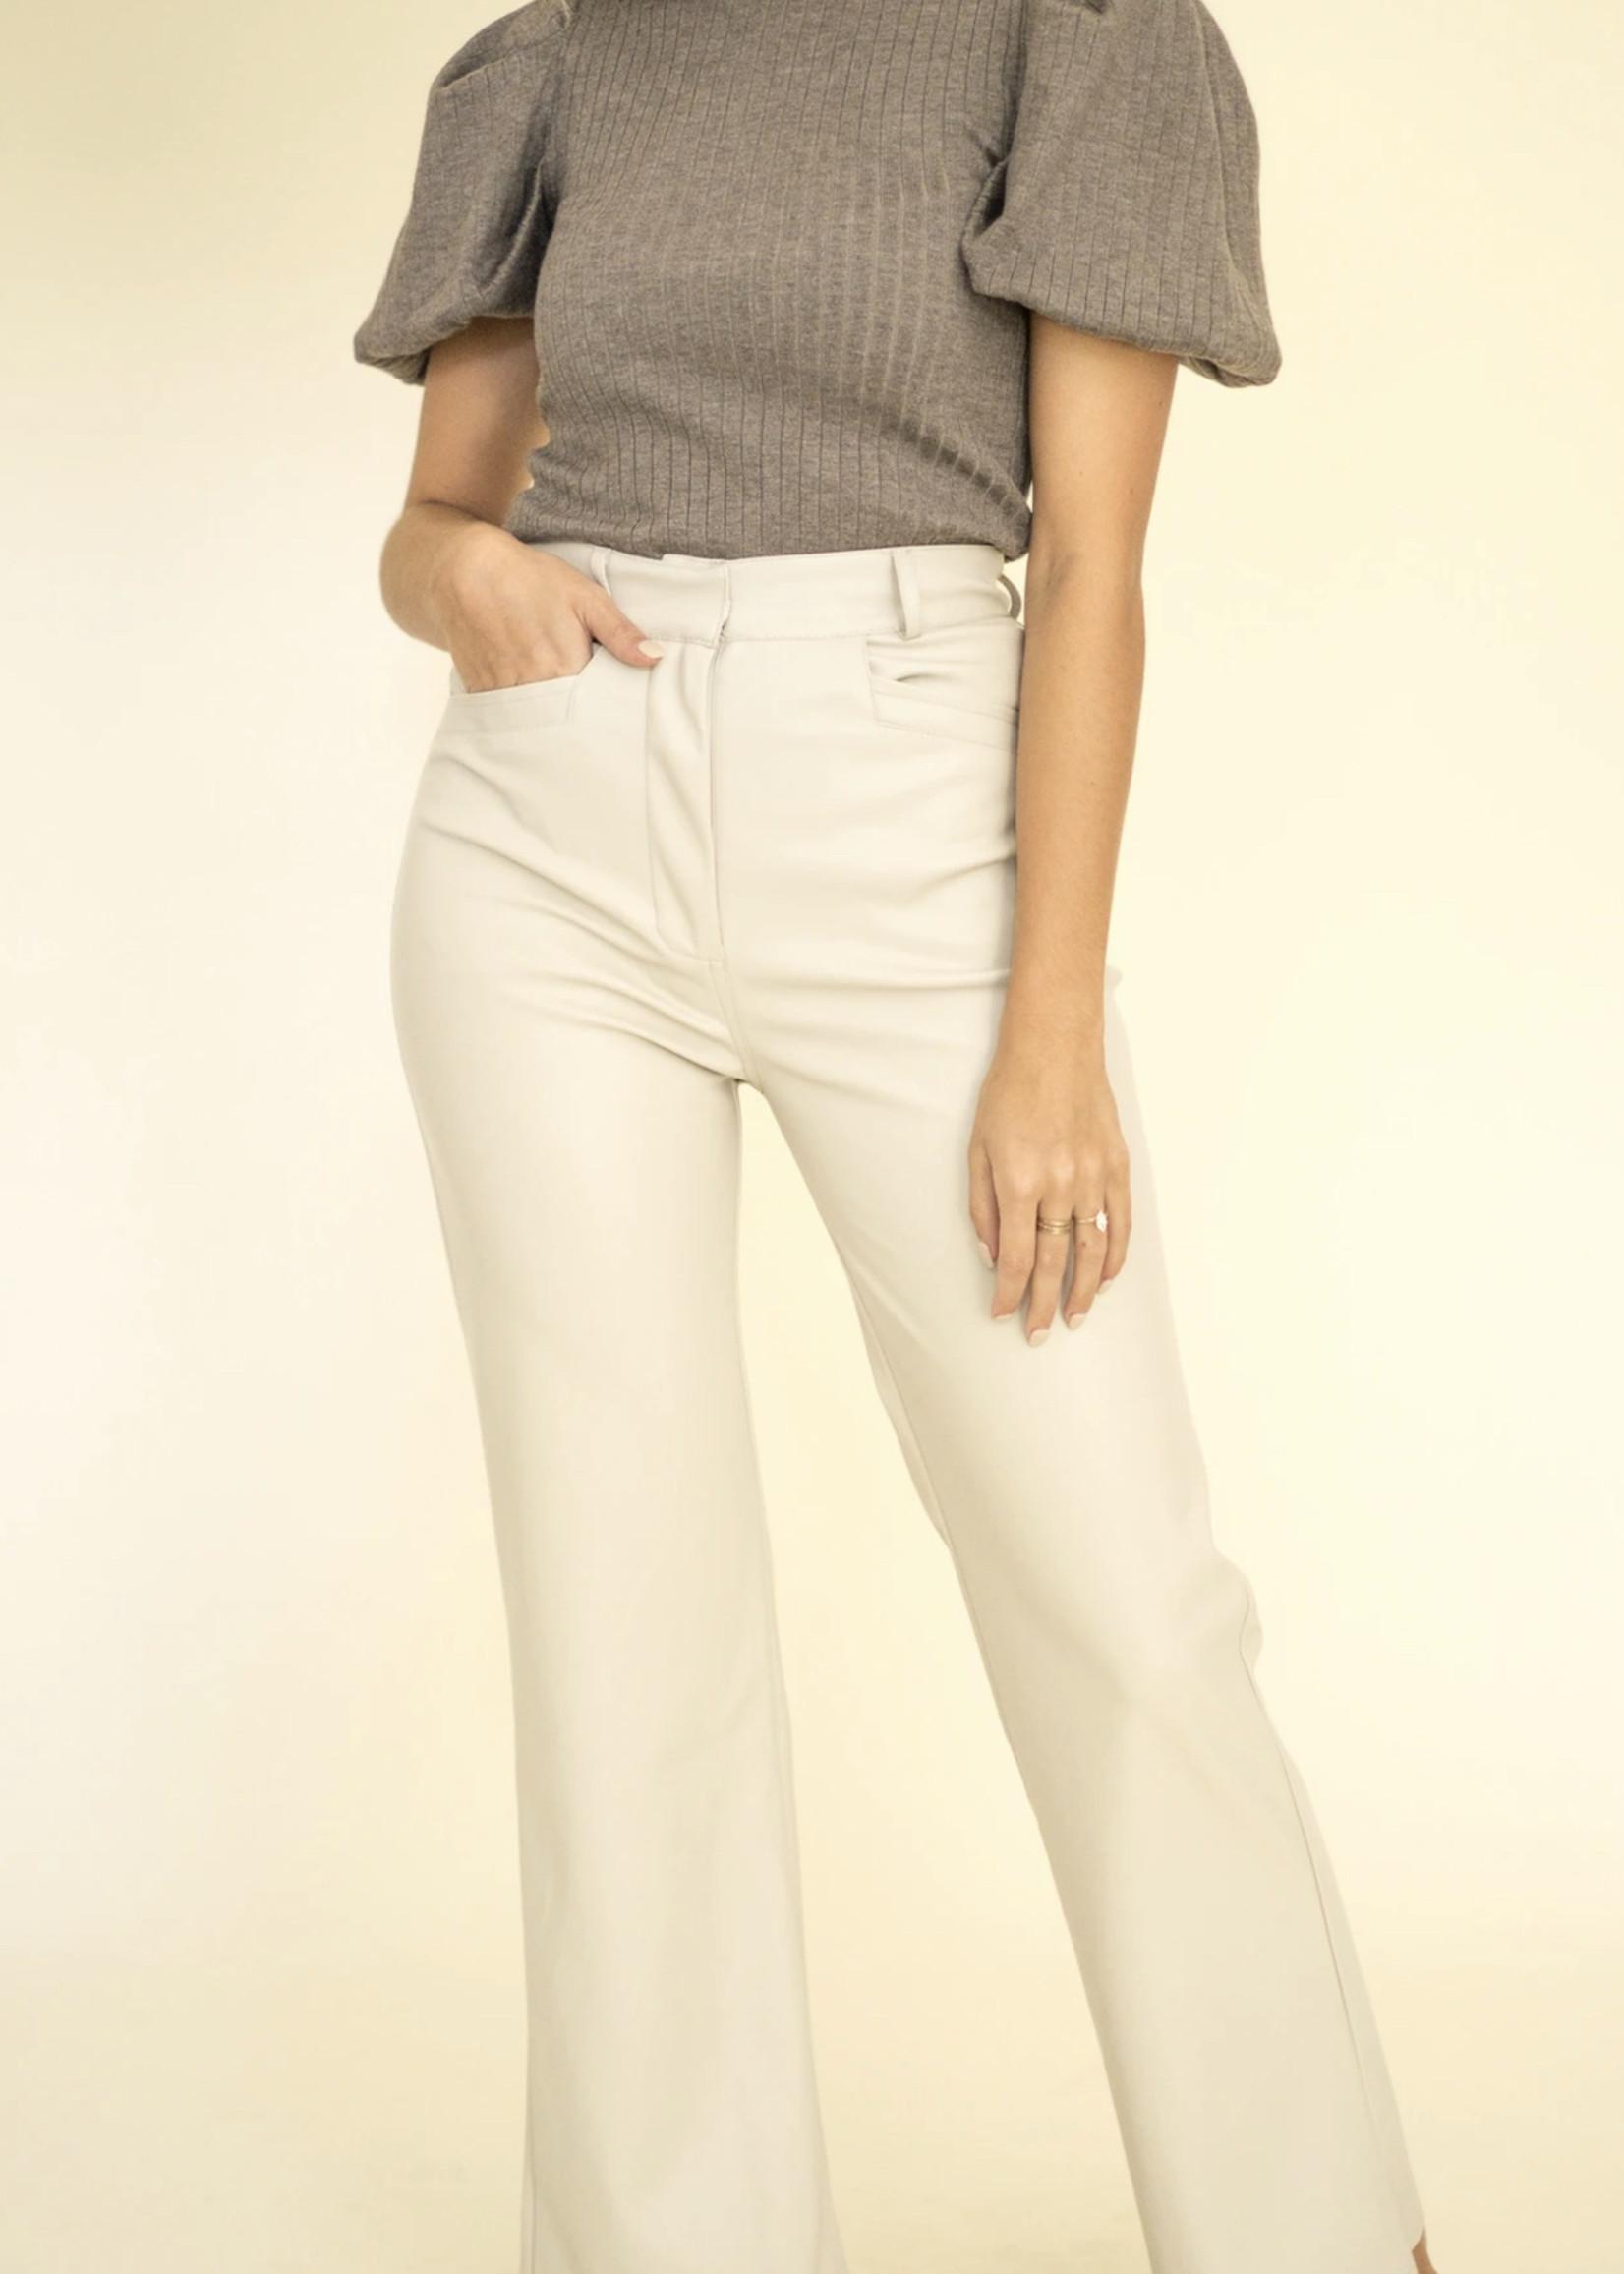 Elitaire Boutique Vegan Leather Trousers